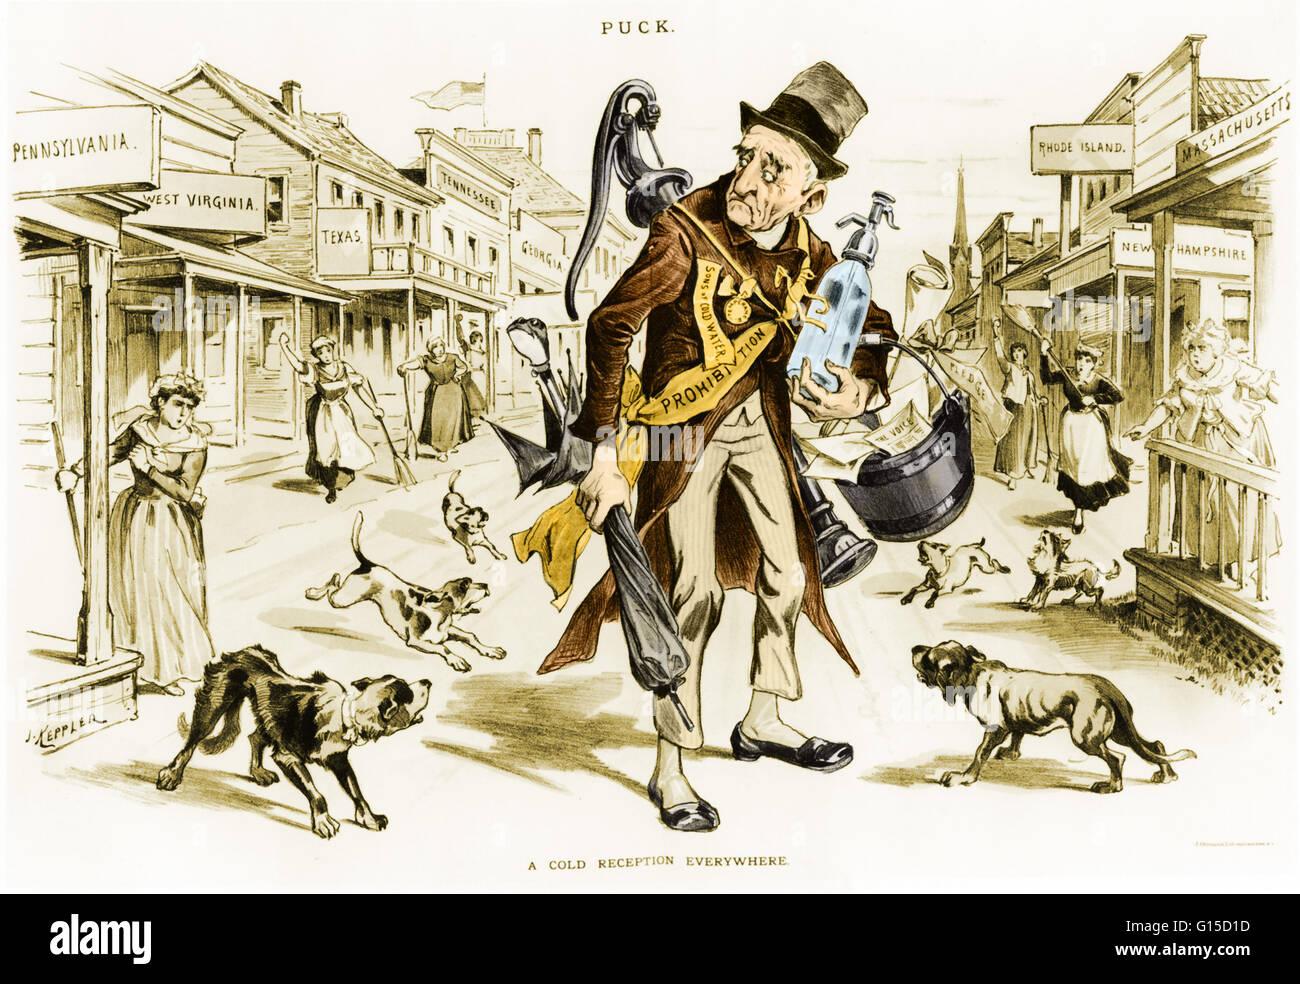 """Cartoon politico che mostra uomo vecchio divieto di ricevere """"una fredda accoglienza ovunque."""" Immagini Stock"""